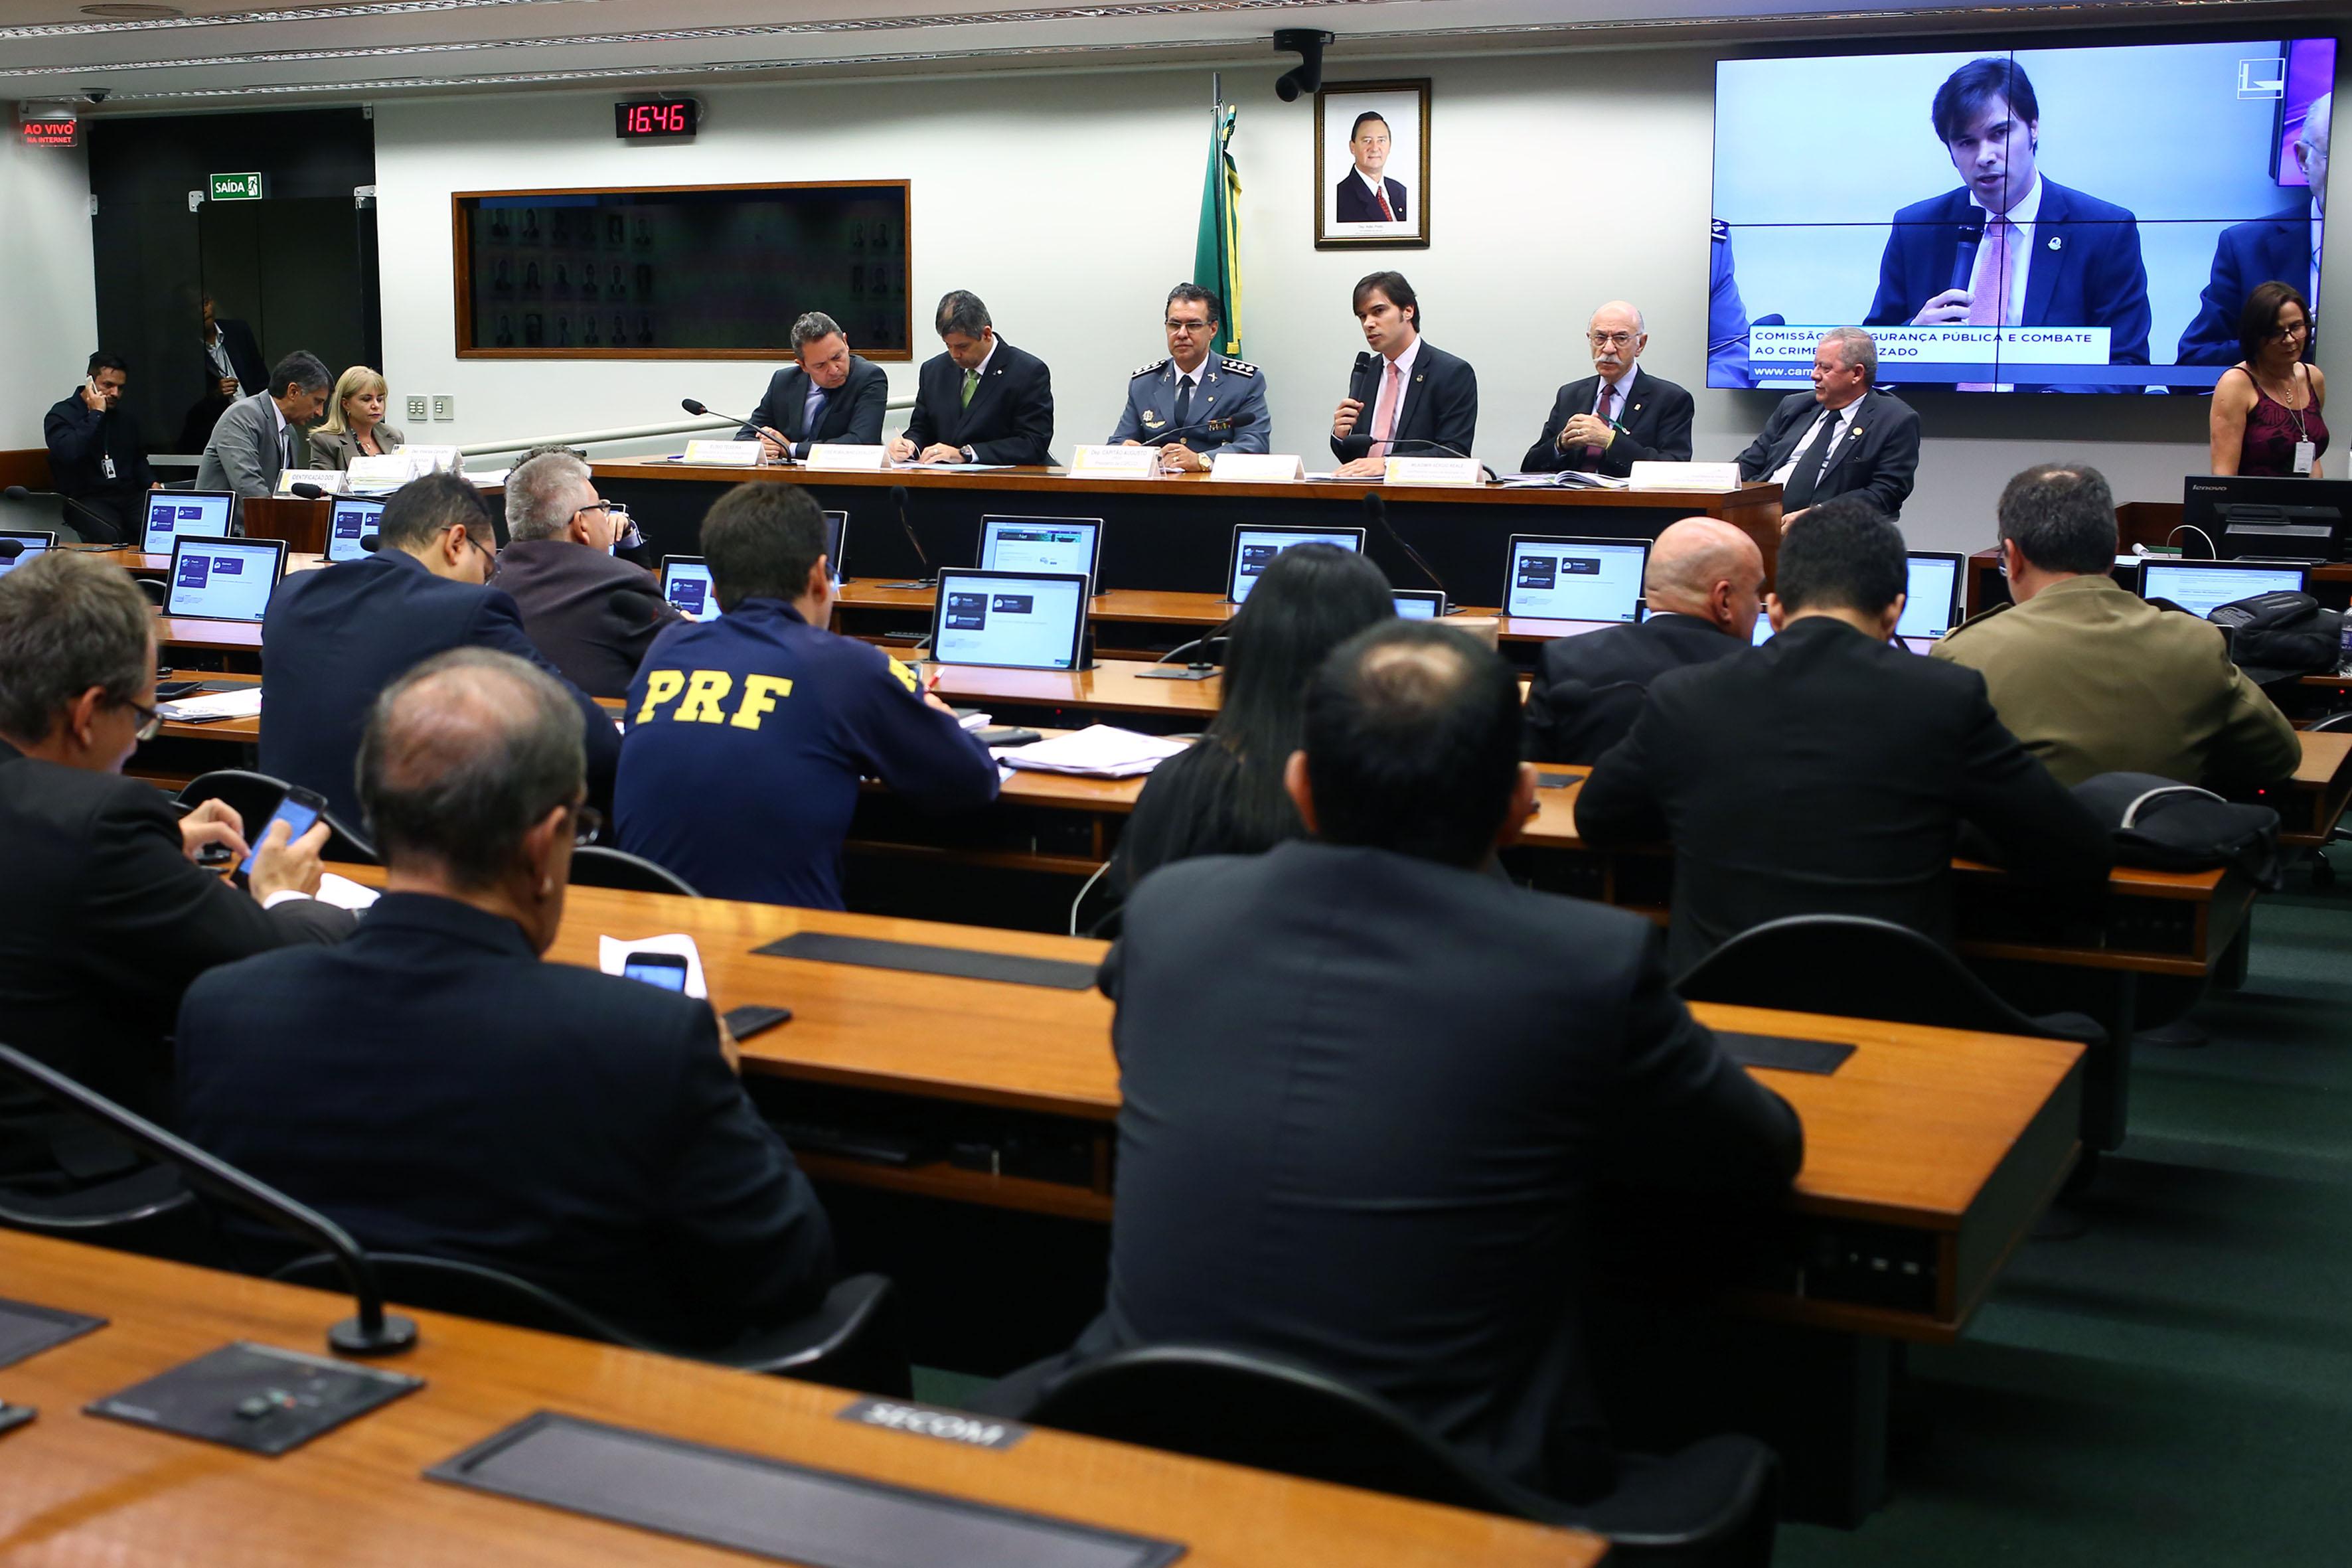 Audiência pública para debater temas referentes à lavratura do Termo Circunstanciado de Ocorrência